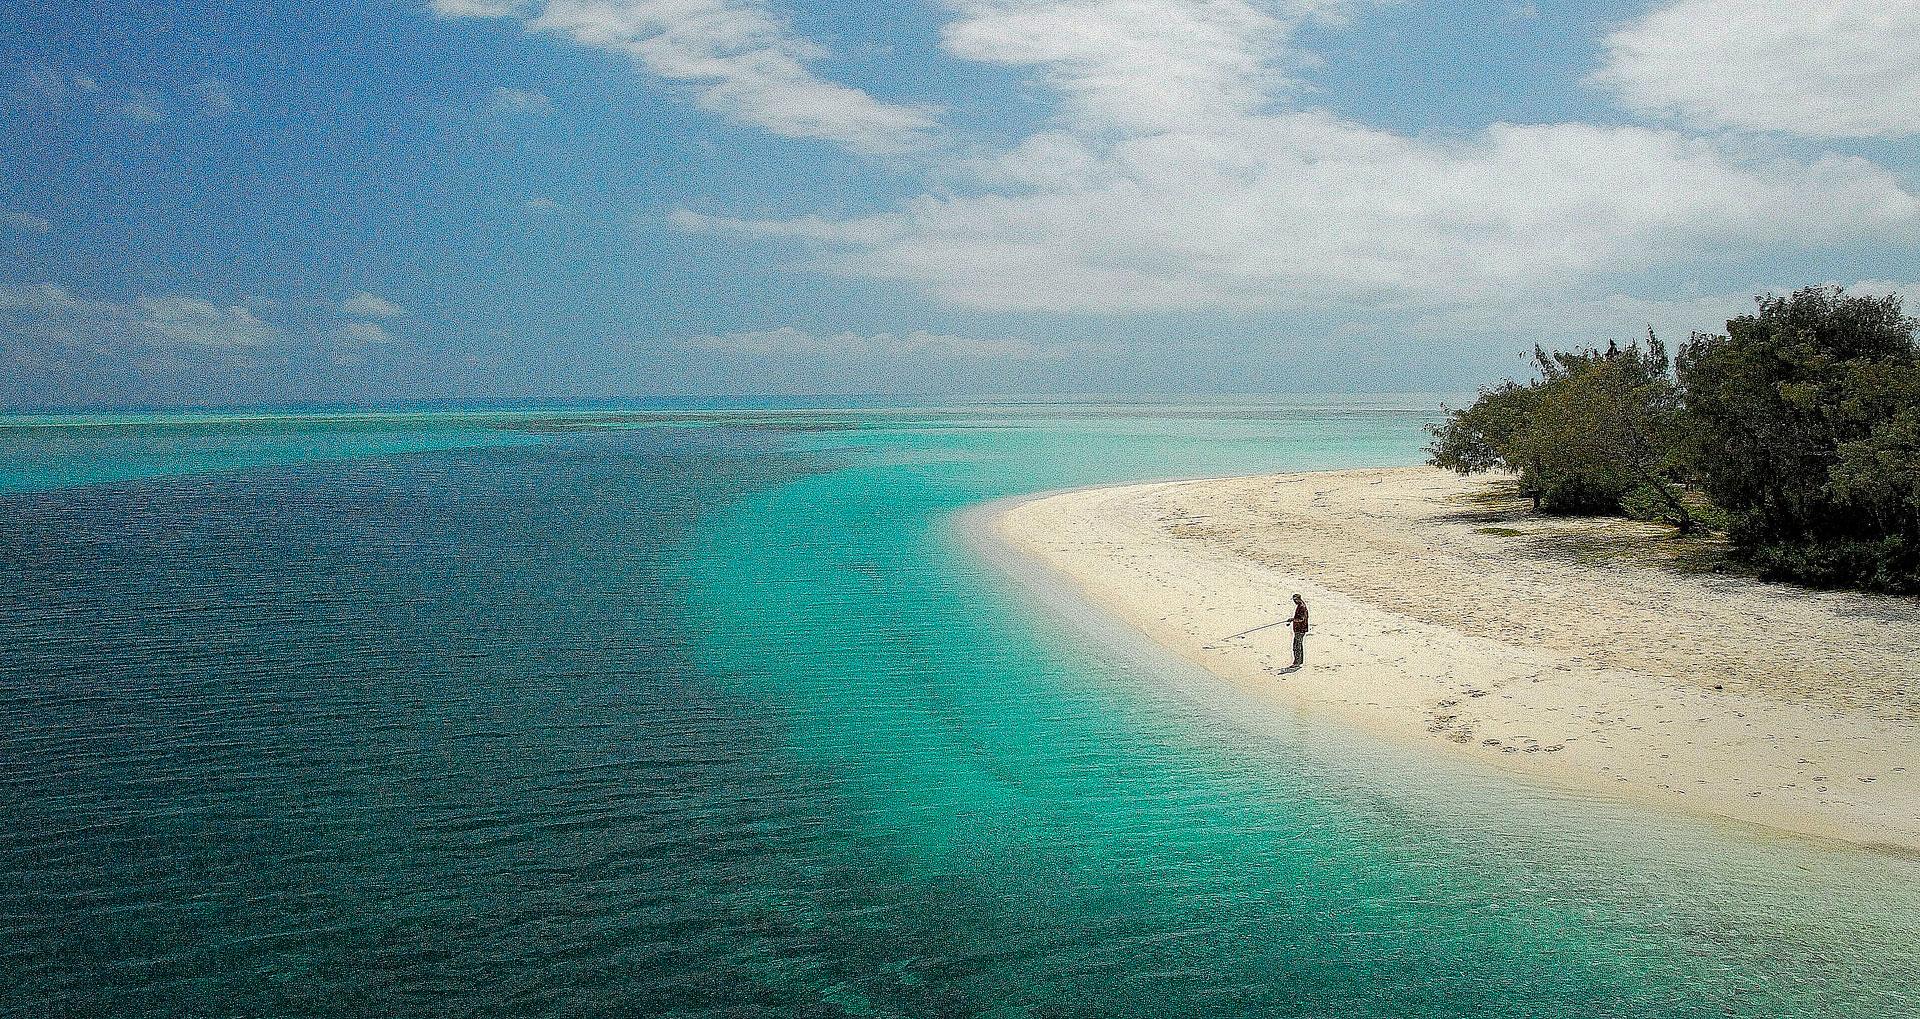 viaggio in Nuova Caledonia, dalla Grande Terre all'isola dei Pini